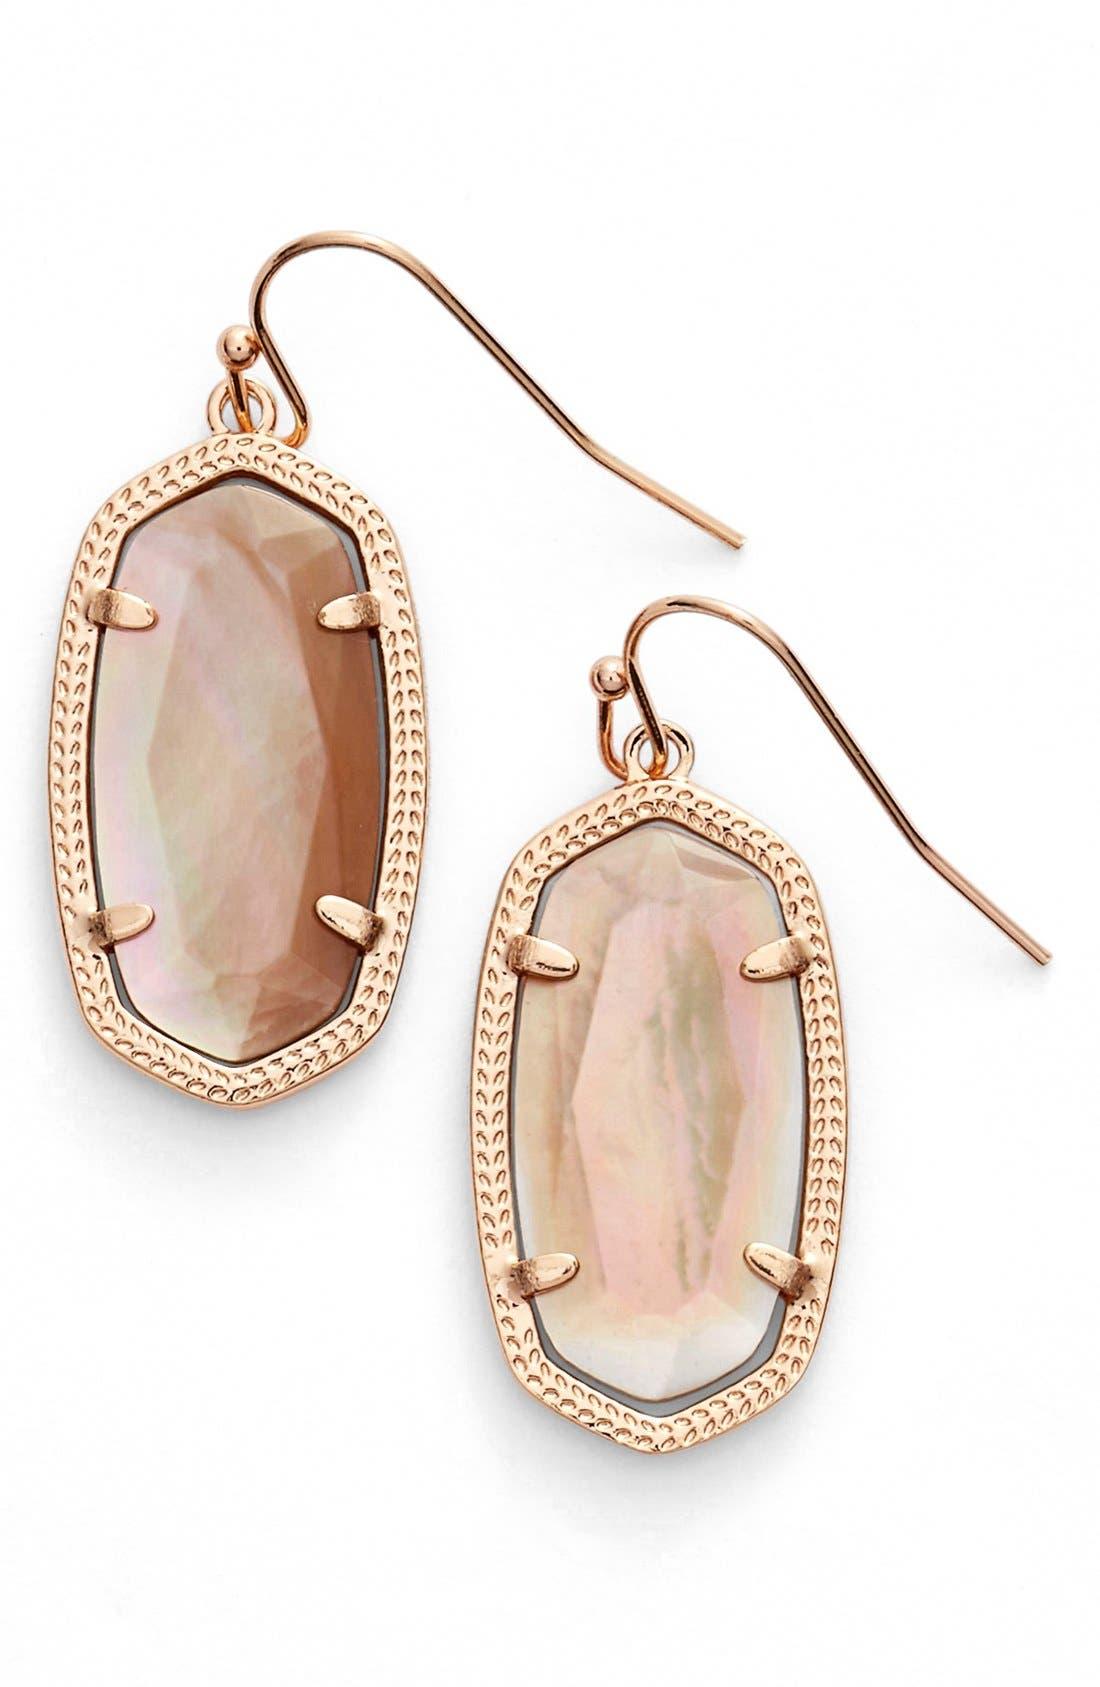 Dani Stone Drop Earrings,                             Main thumbnail 1, color,                             Brown Mop/ Rose Gold